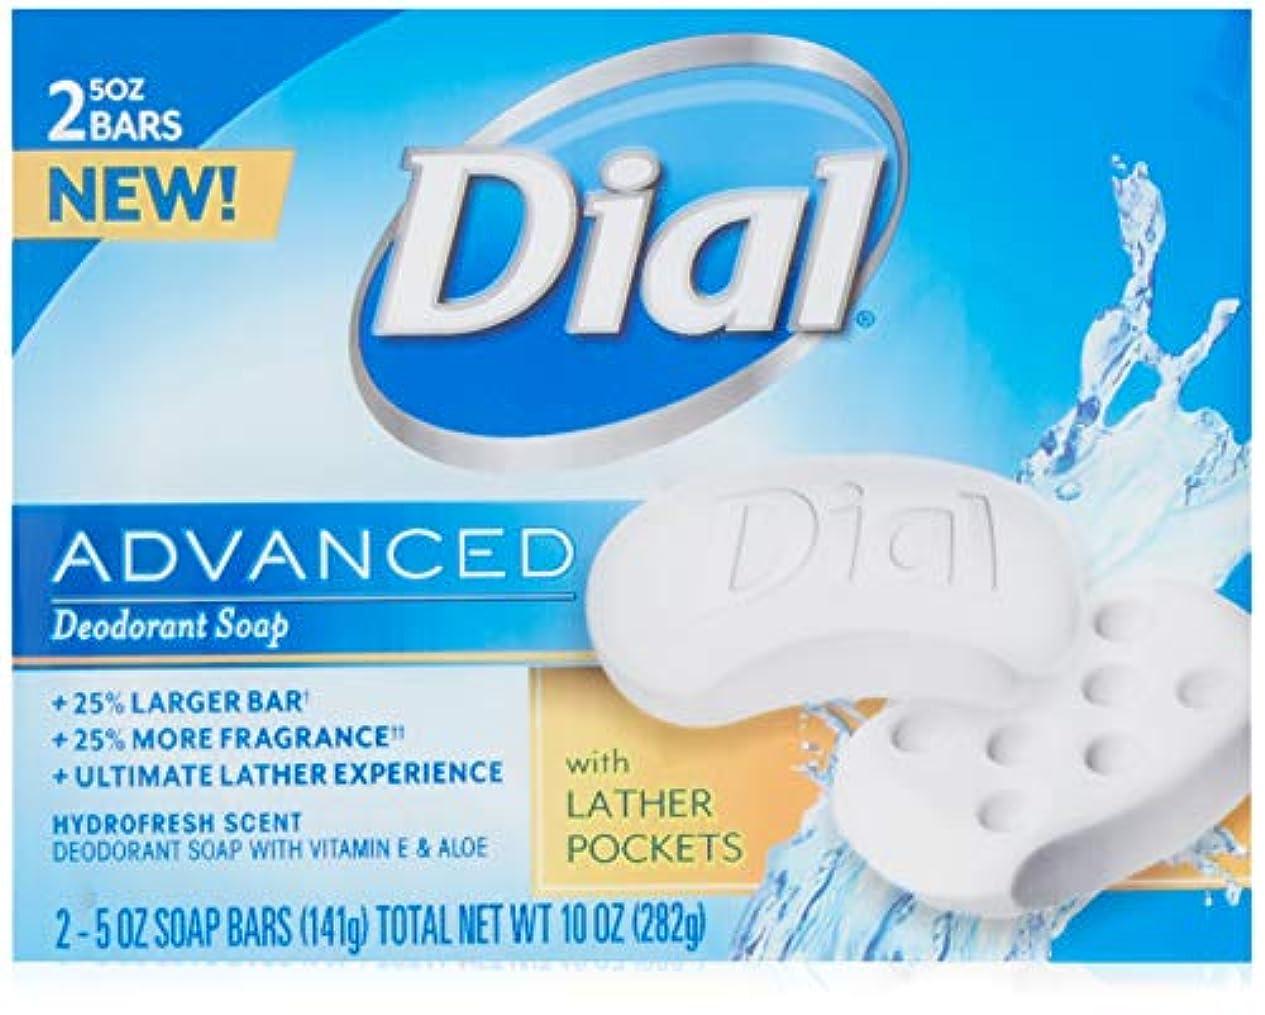 打ち負かすテクスチャー観察するDial 高度なデオドラントソープバーHydrofresh香り、10オズ